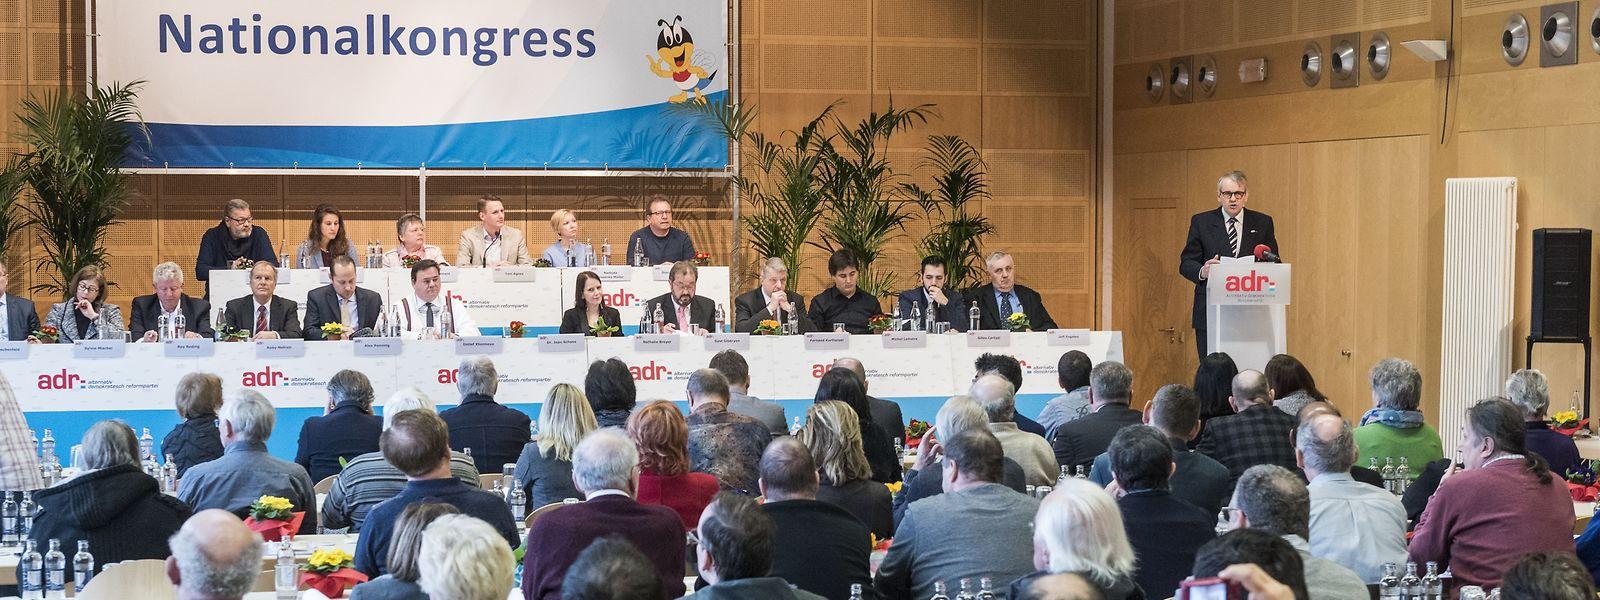 Der Kongress der ADR fand am Sonntag in Berdorf statt.